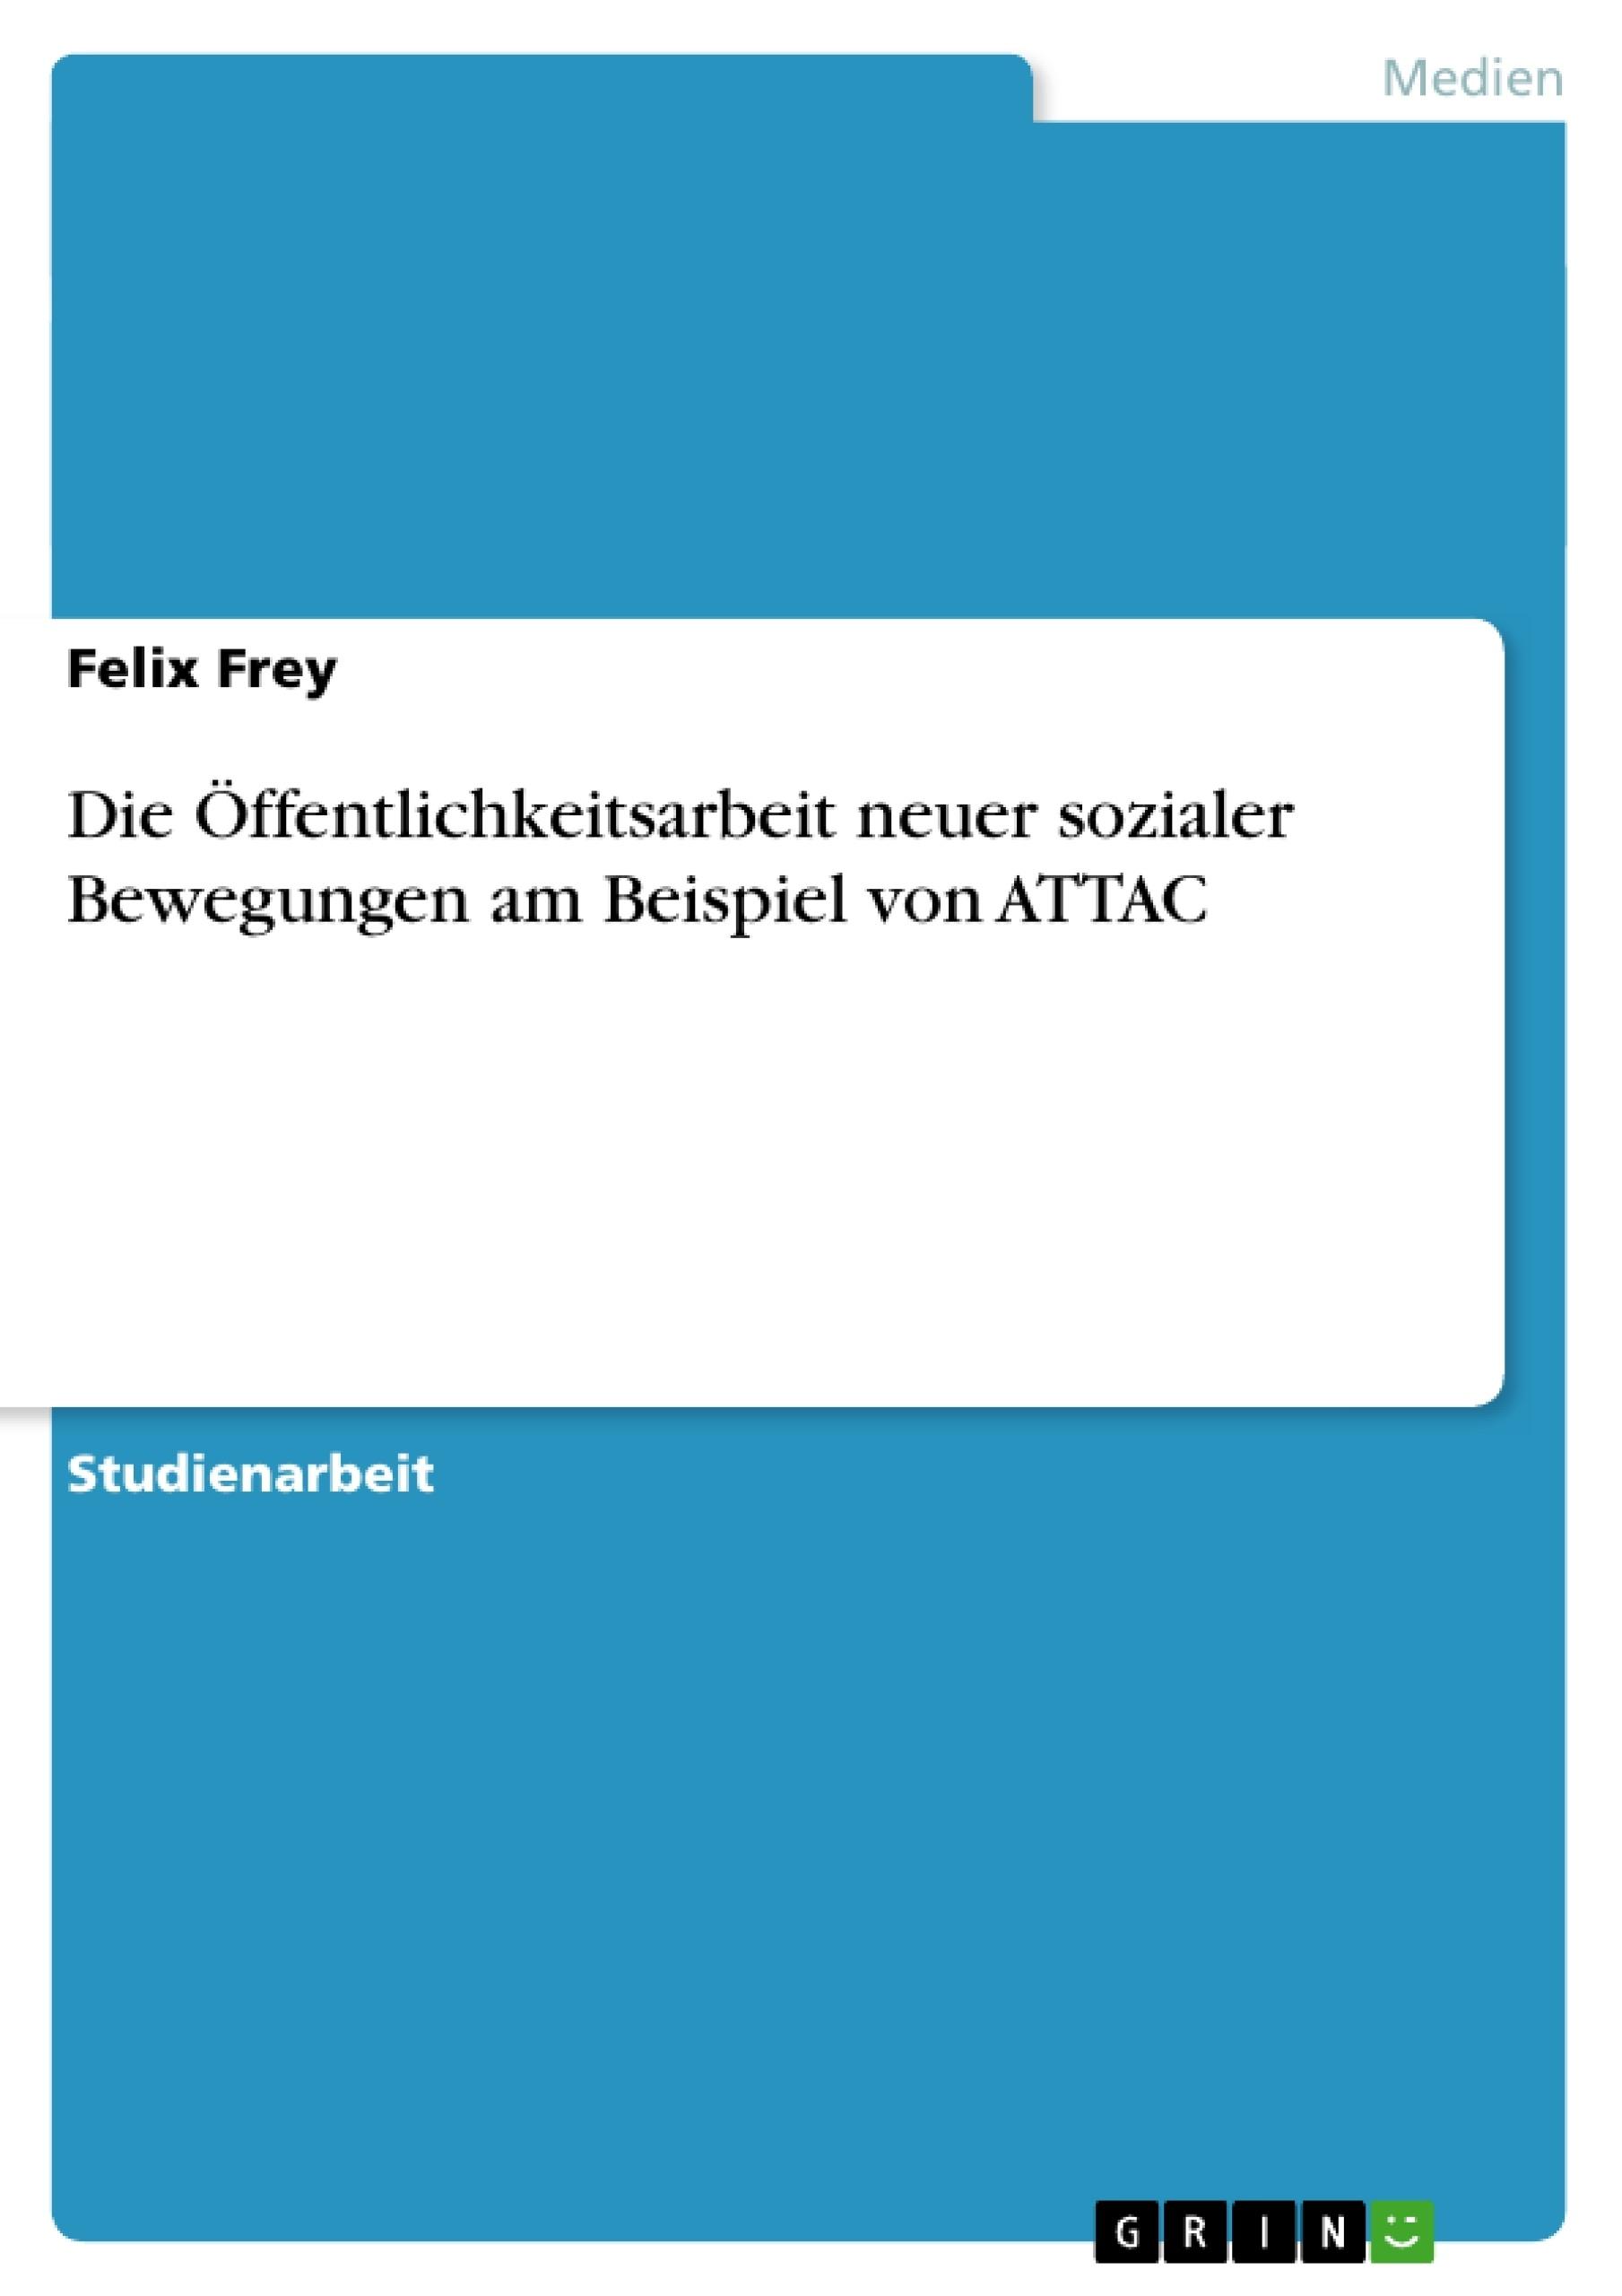 Titel: Die Öffentlichkeitsarbeit neuer sozialer Bewegungen am Beispiel von ATTAC